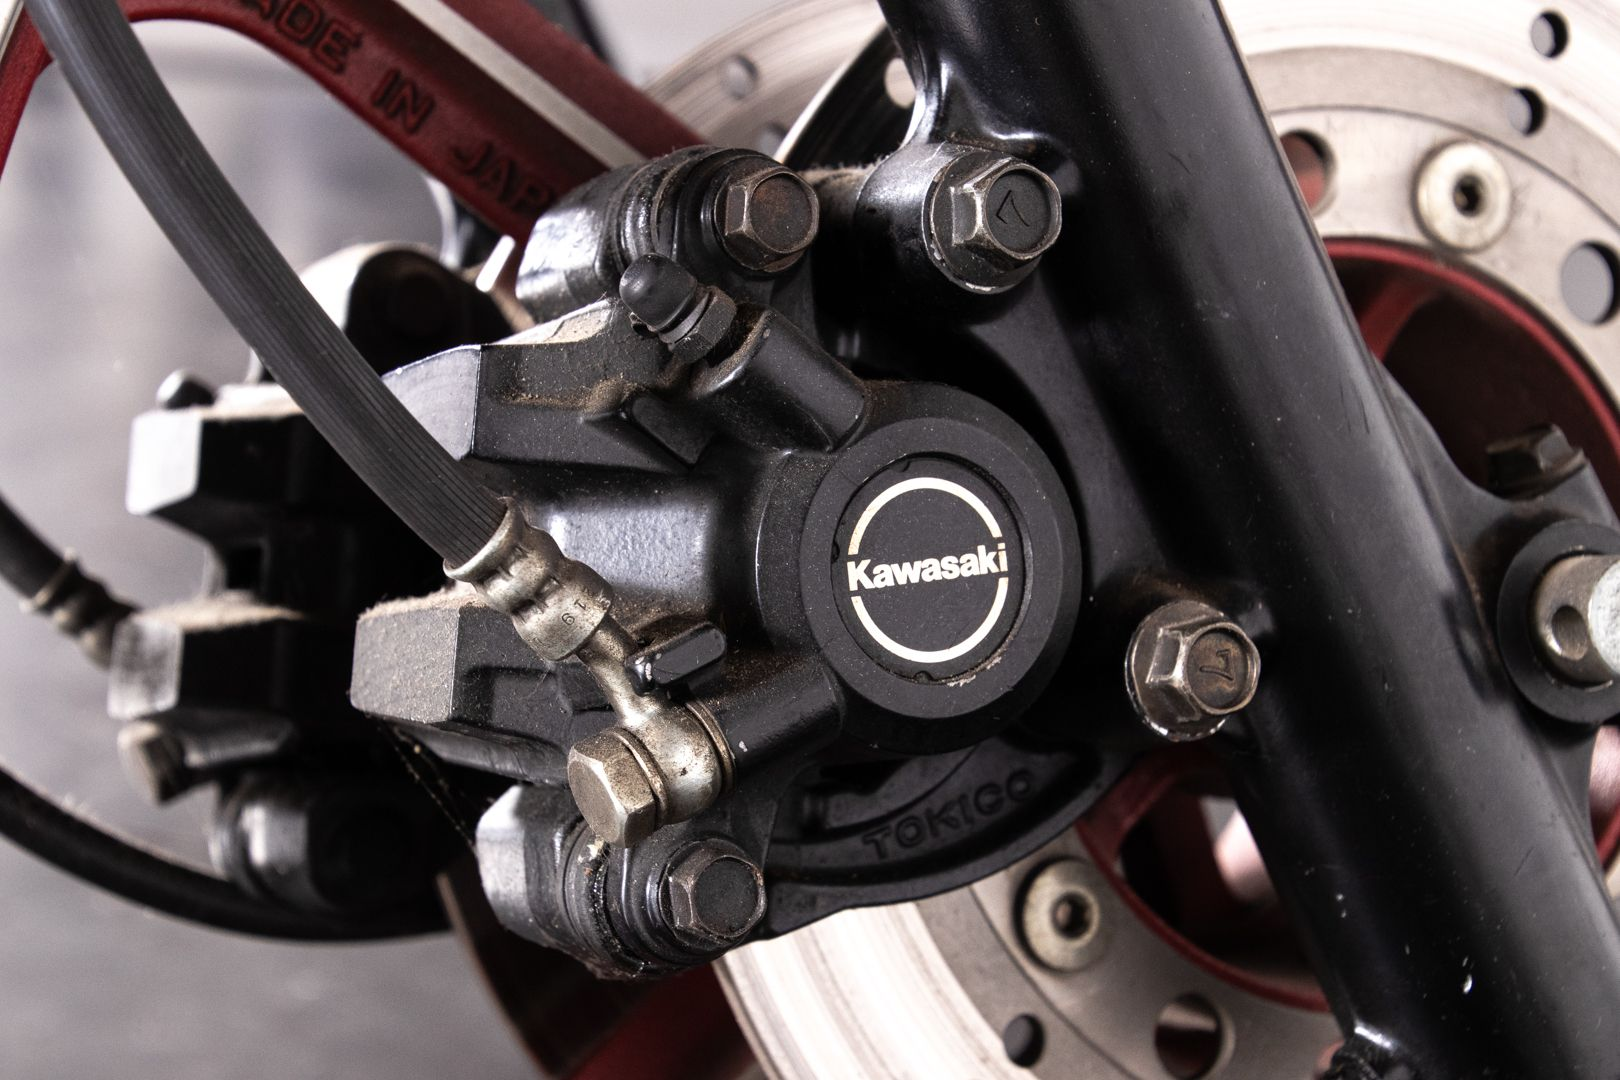 1983 Kawasaki KZ 550 46254